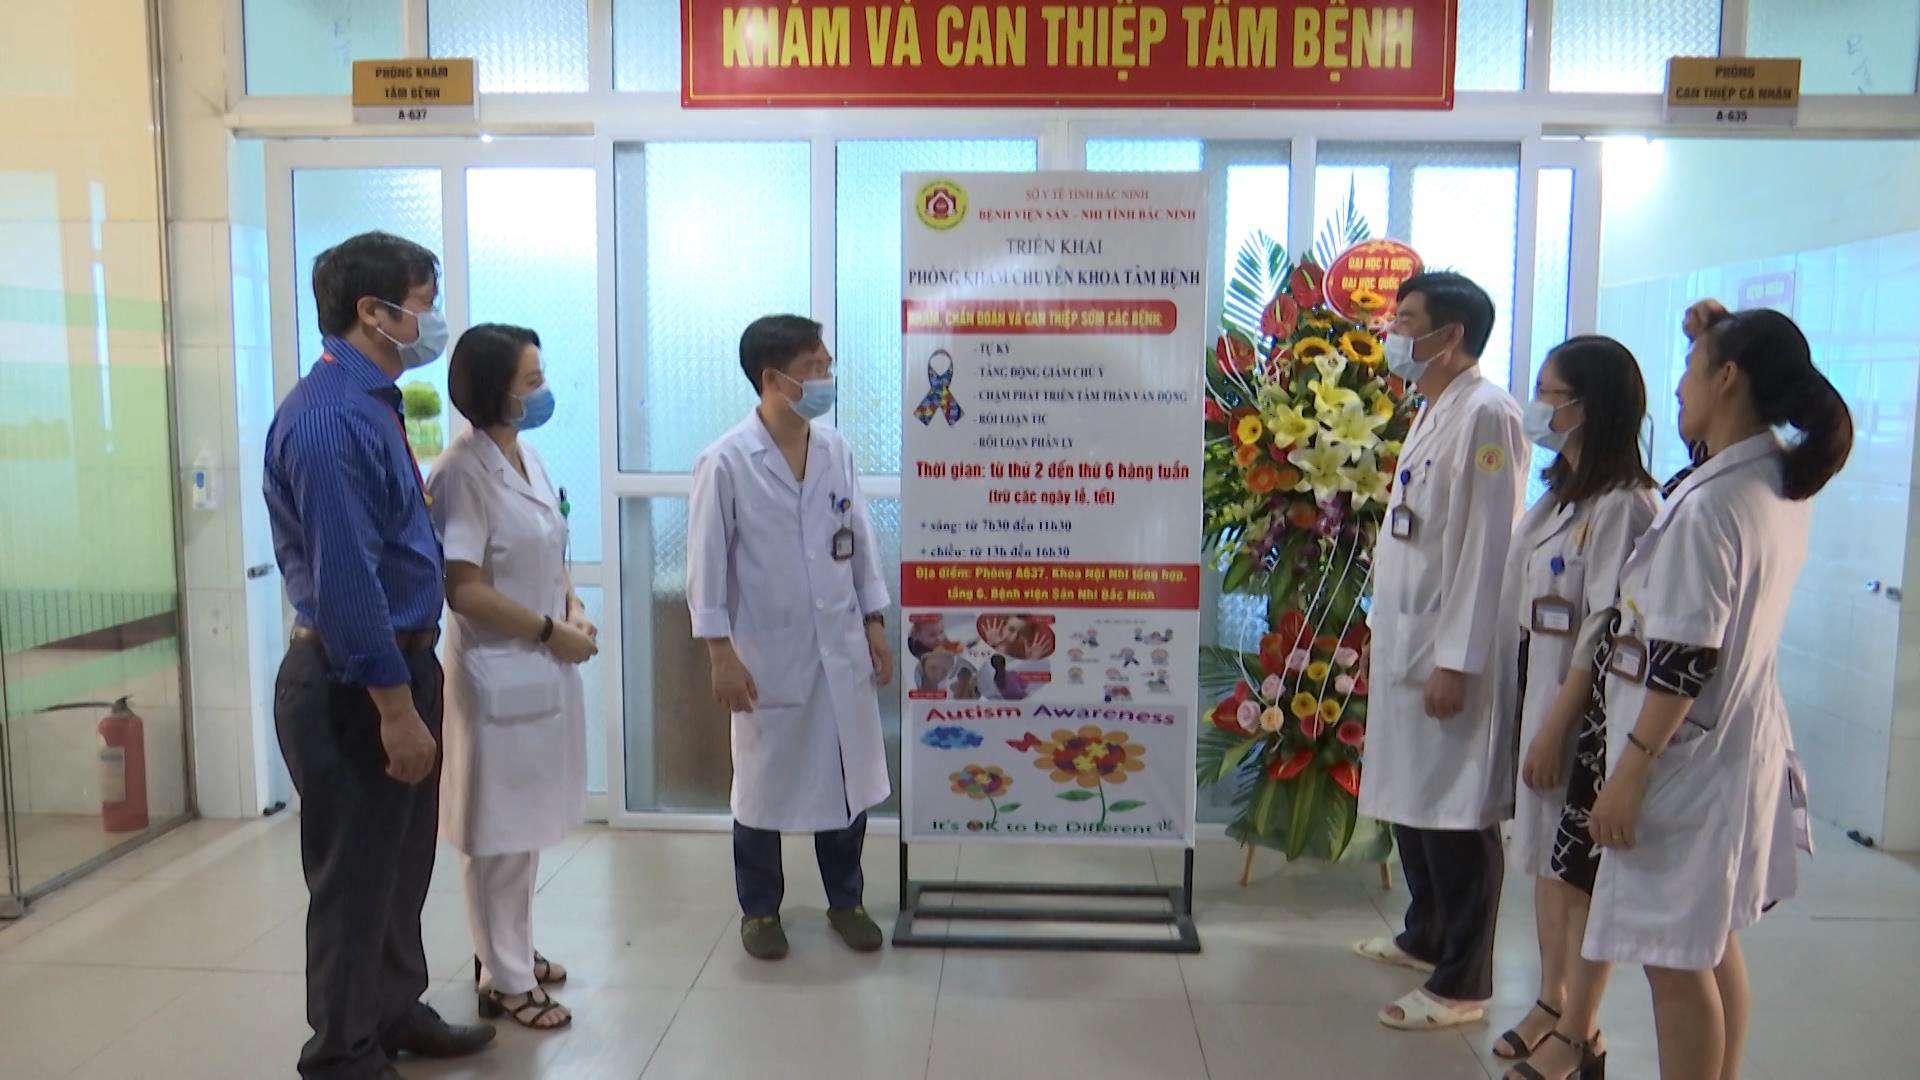 Bệnh viện Sản Nhi tỉnh khai trương phòng khám, điều trị tâm bệnh